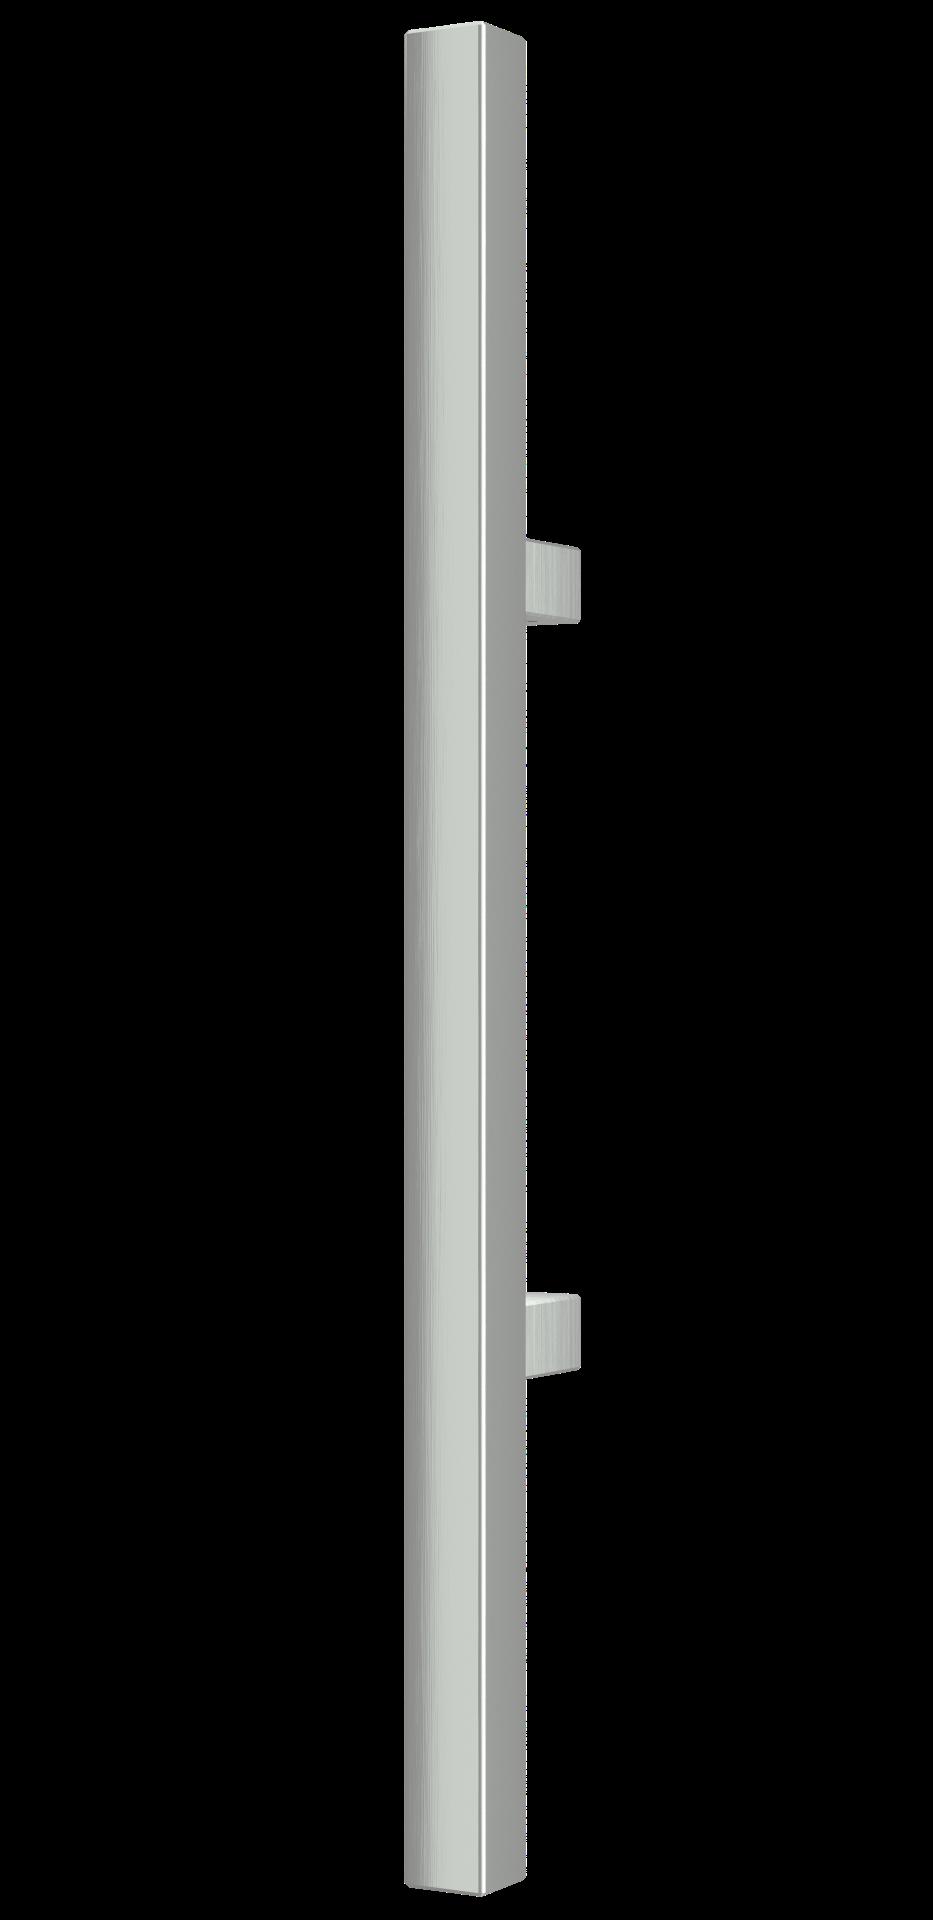 Griffingov ročaj GKV-KN iz linije Prime Line-inox ročaji za vhodna vrata